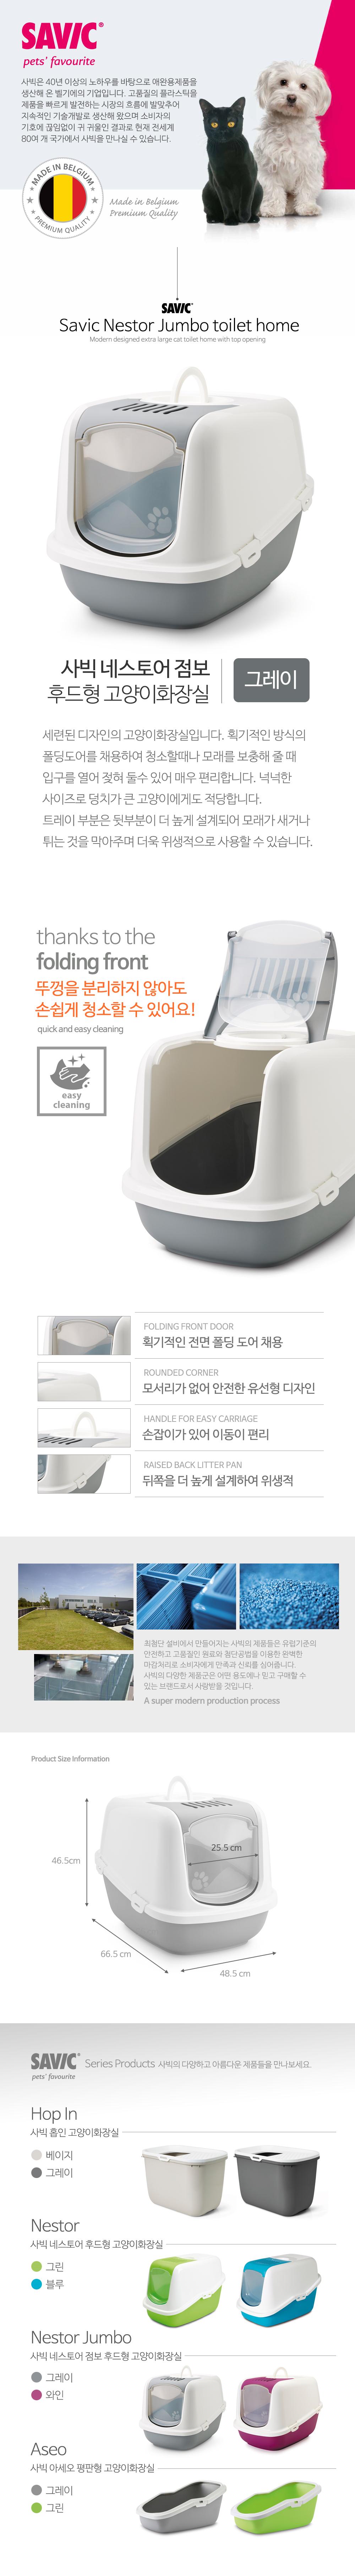 사빅 네스토어 점보 후드형 화장실 그레이 - 사빅, 36,000원, 화장실/위생용품, 화장실